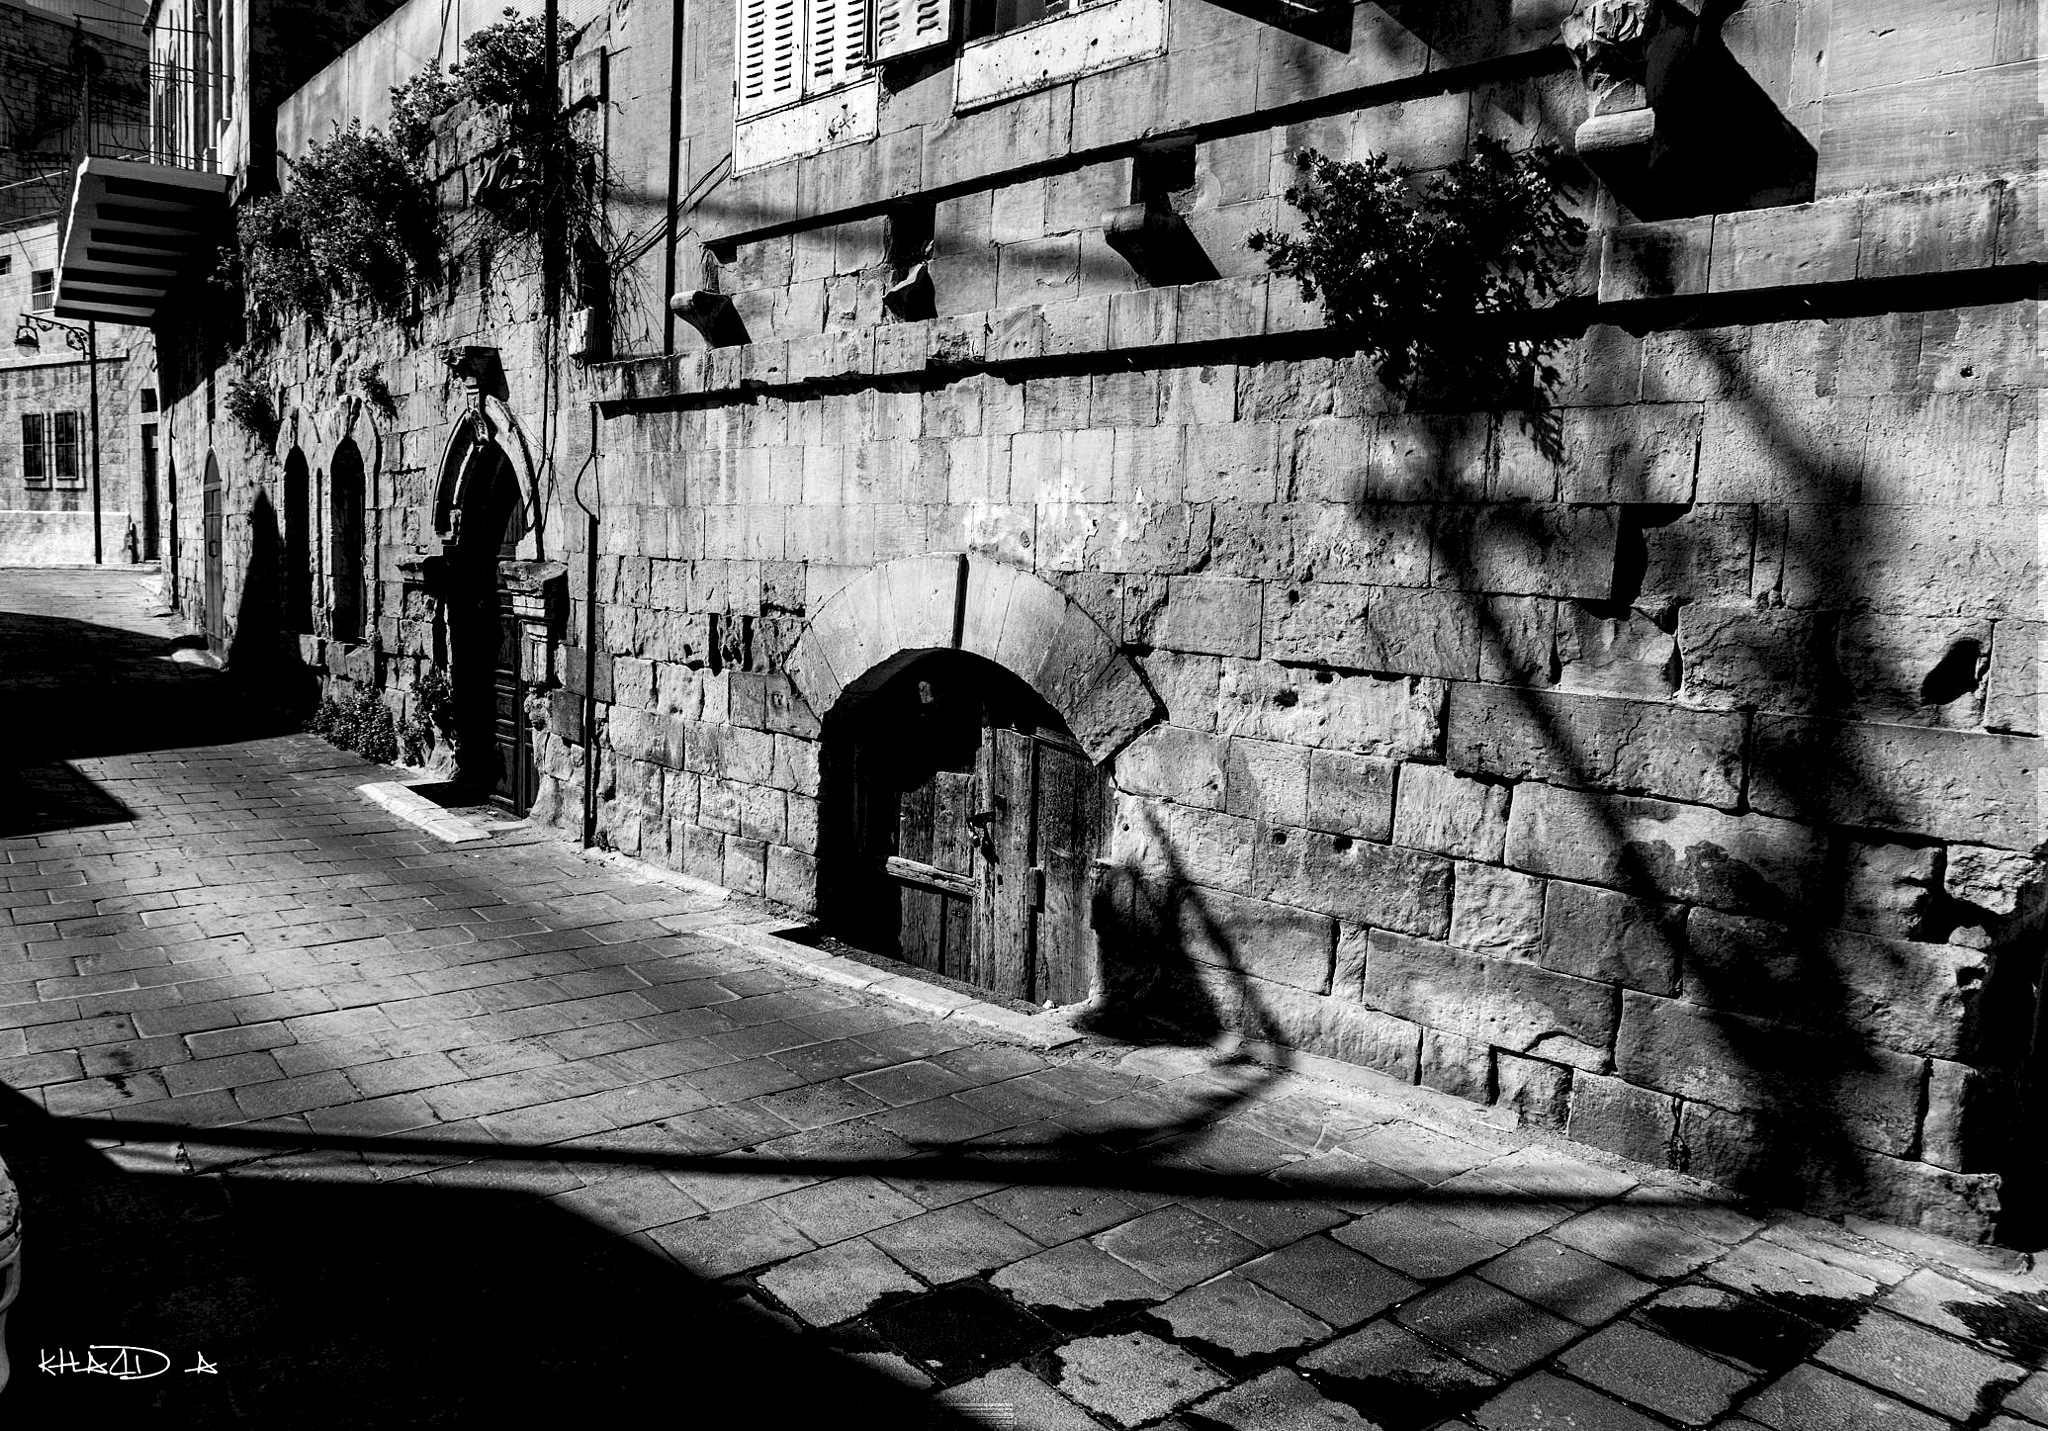 Untitled by khalidphotos